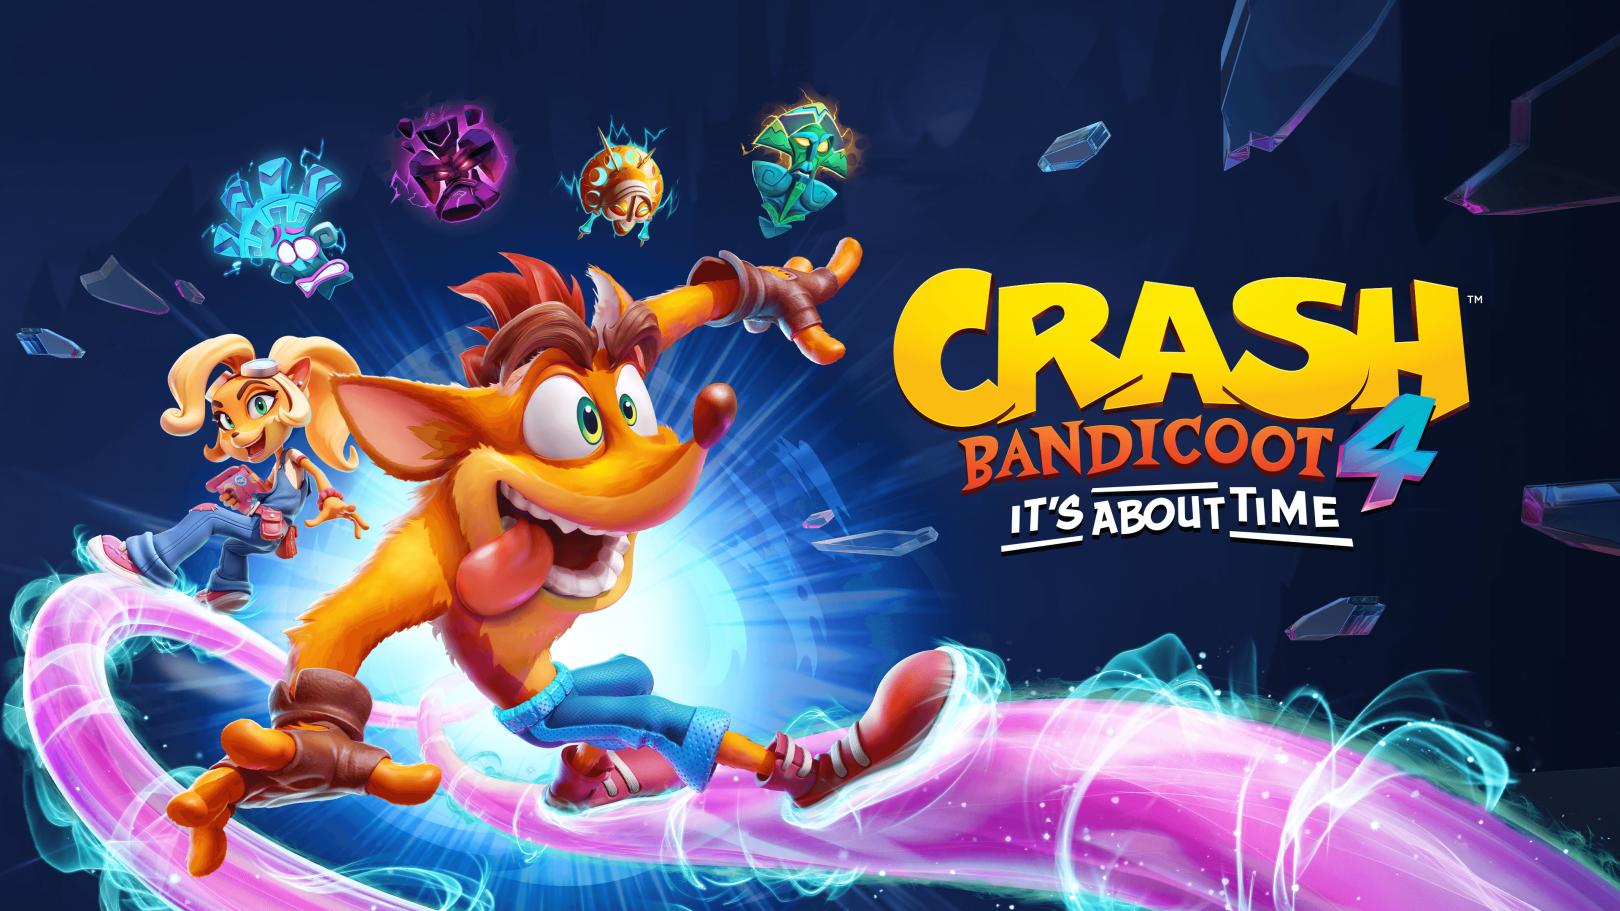 Découvrez Crash Bandicoot 4: It's About Time sur PS4 et Xbox One!